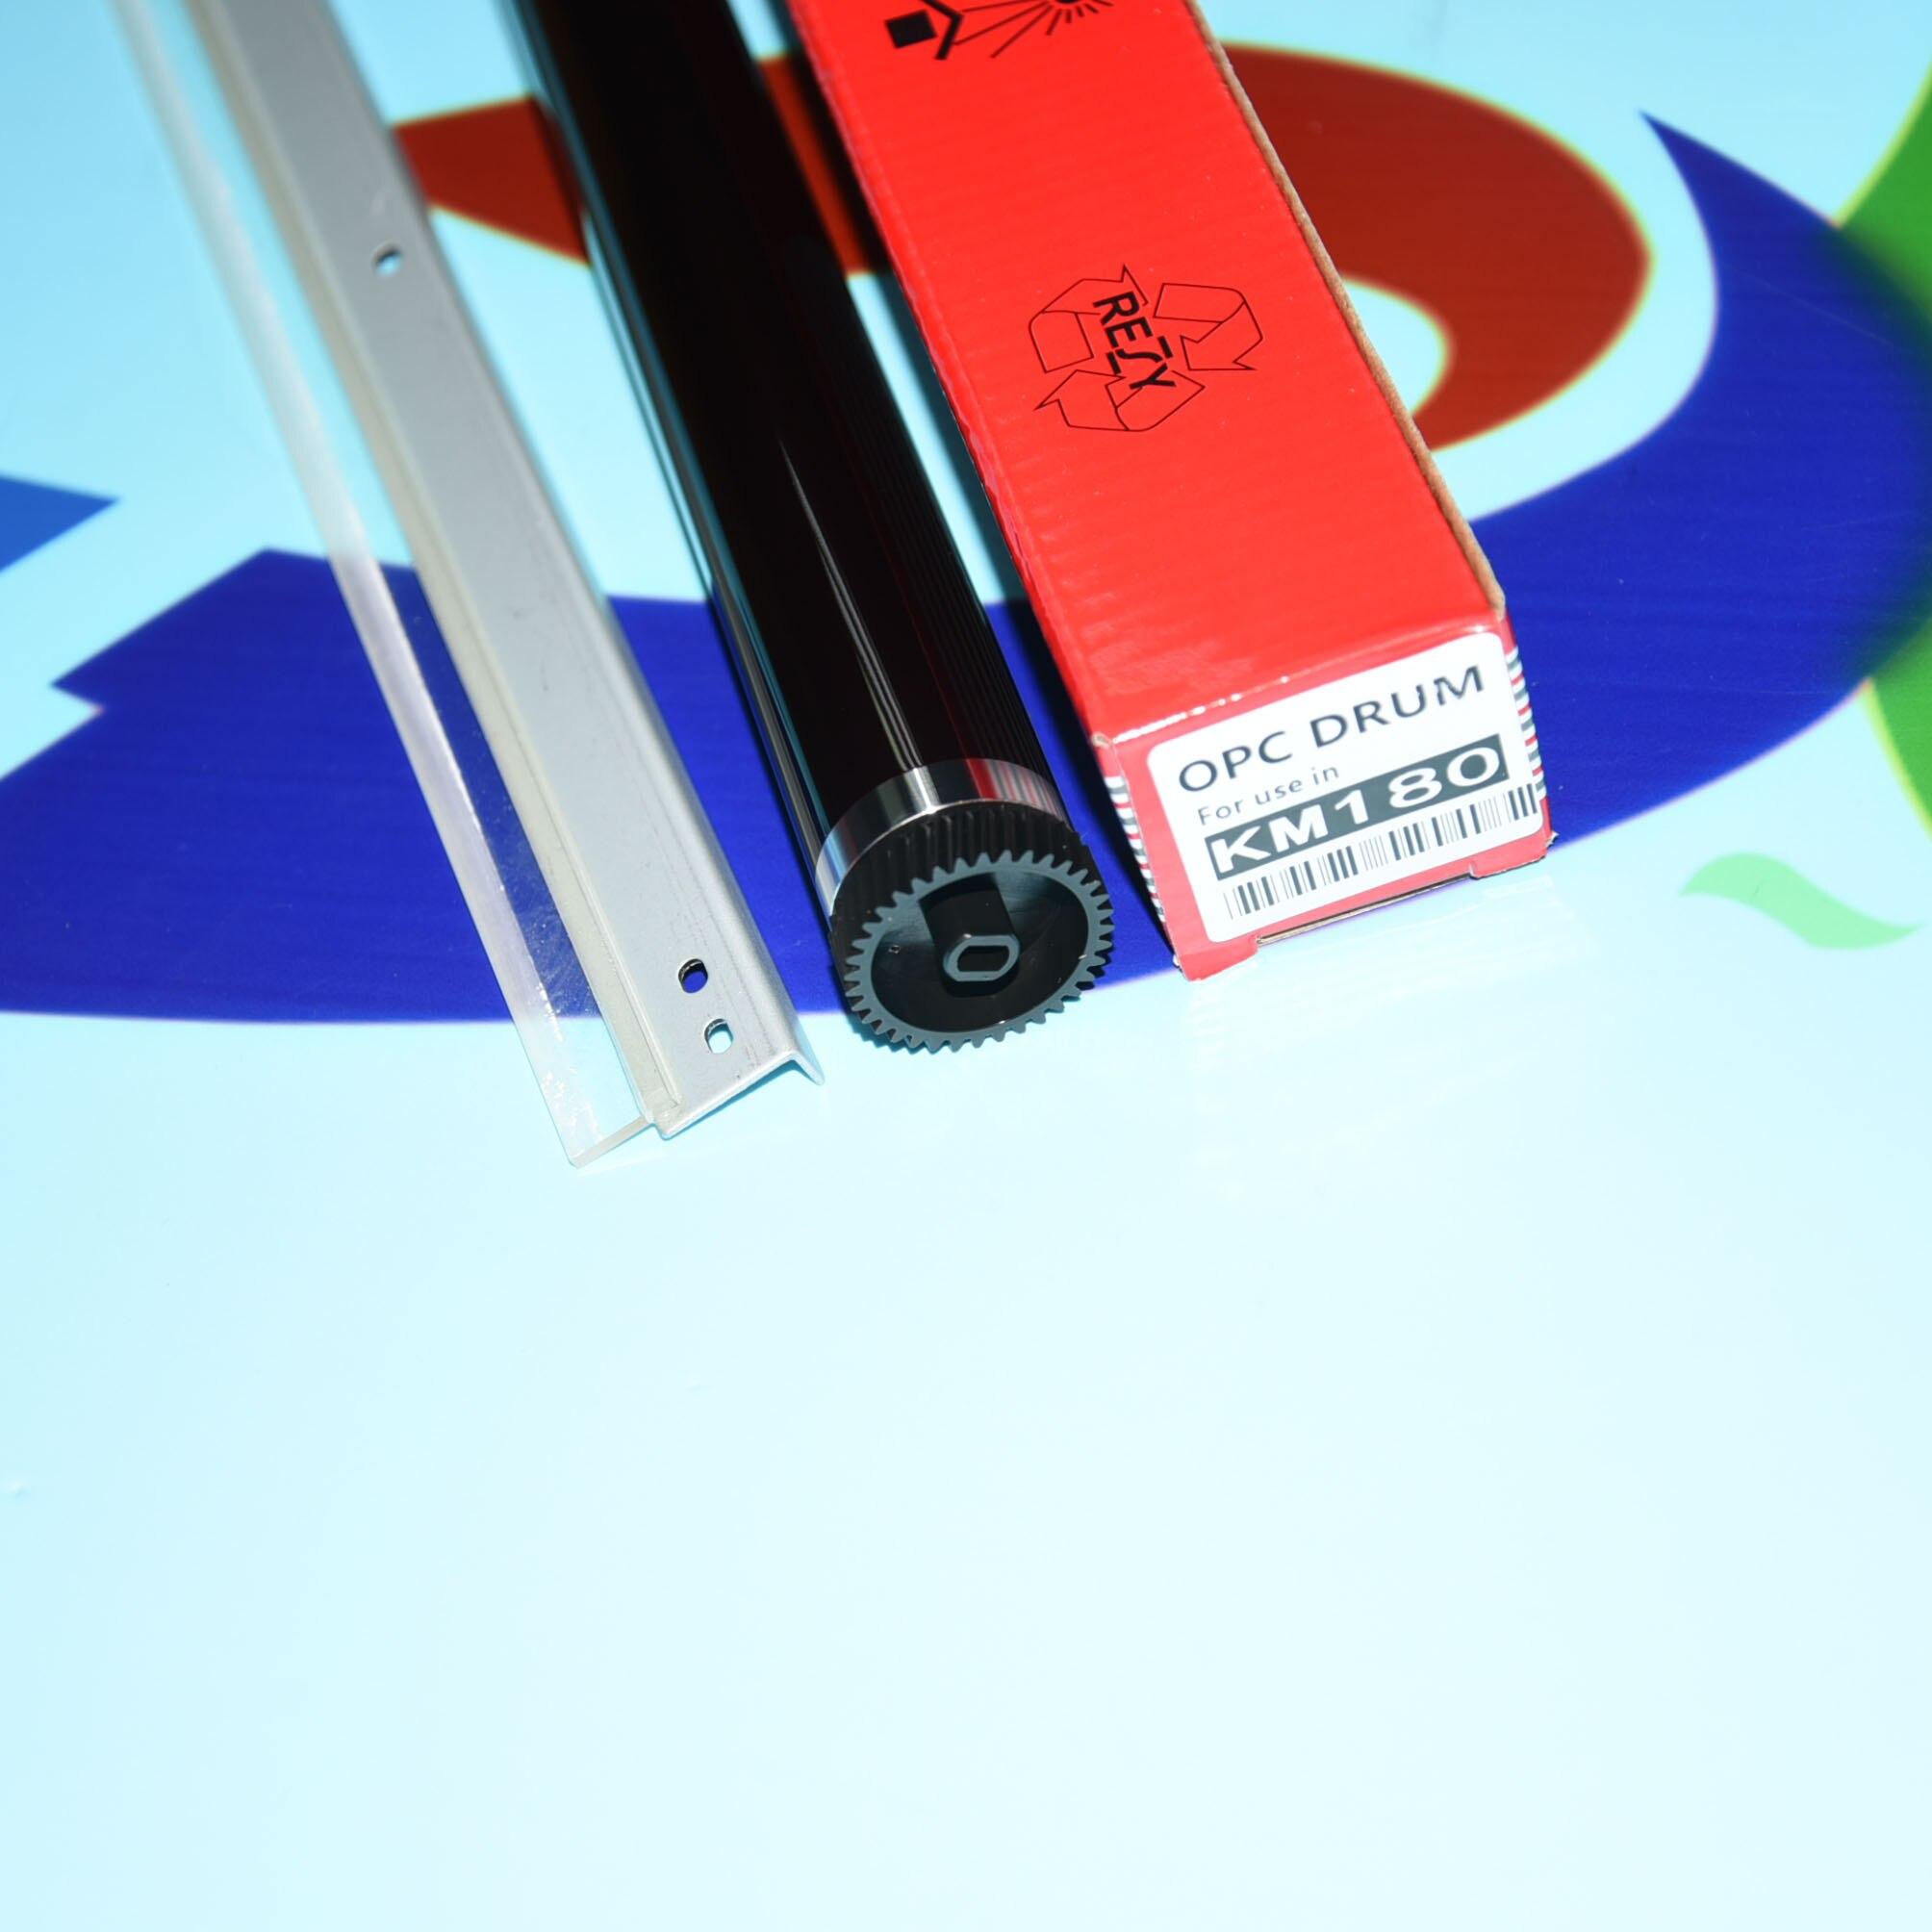 1 مجموعات OPC طبل + طبل تنظيف شفرة لكيوسيرا TASKalfa 180 181 220 221 KM1648 1648 الضوئي طبل اسطوانة